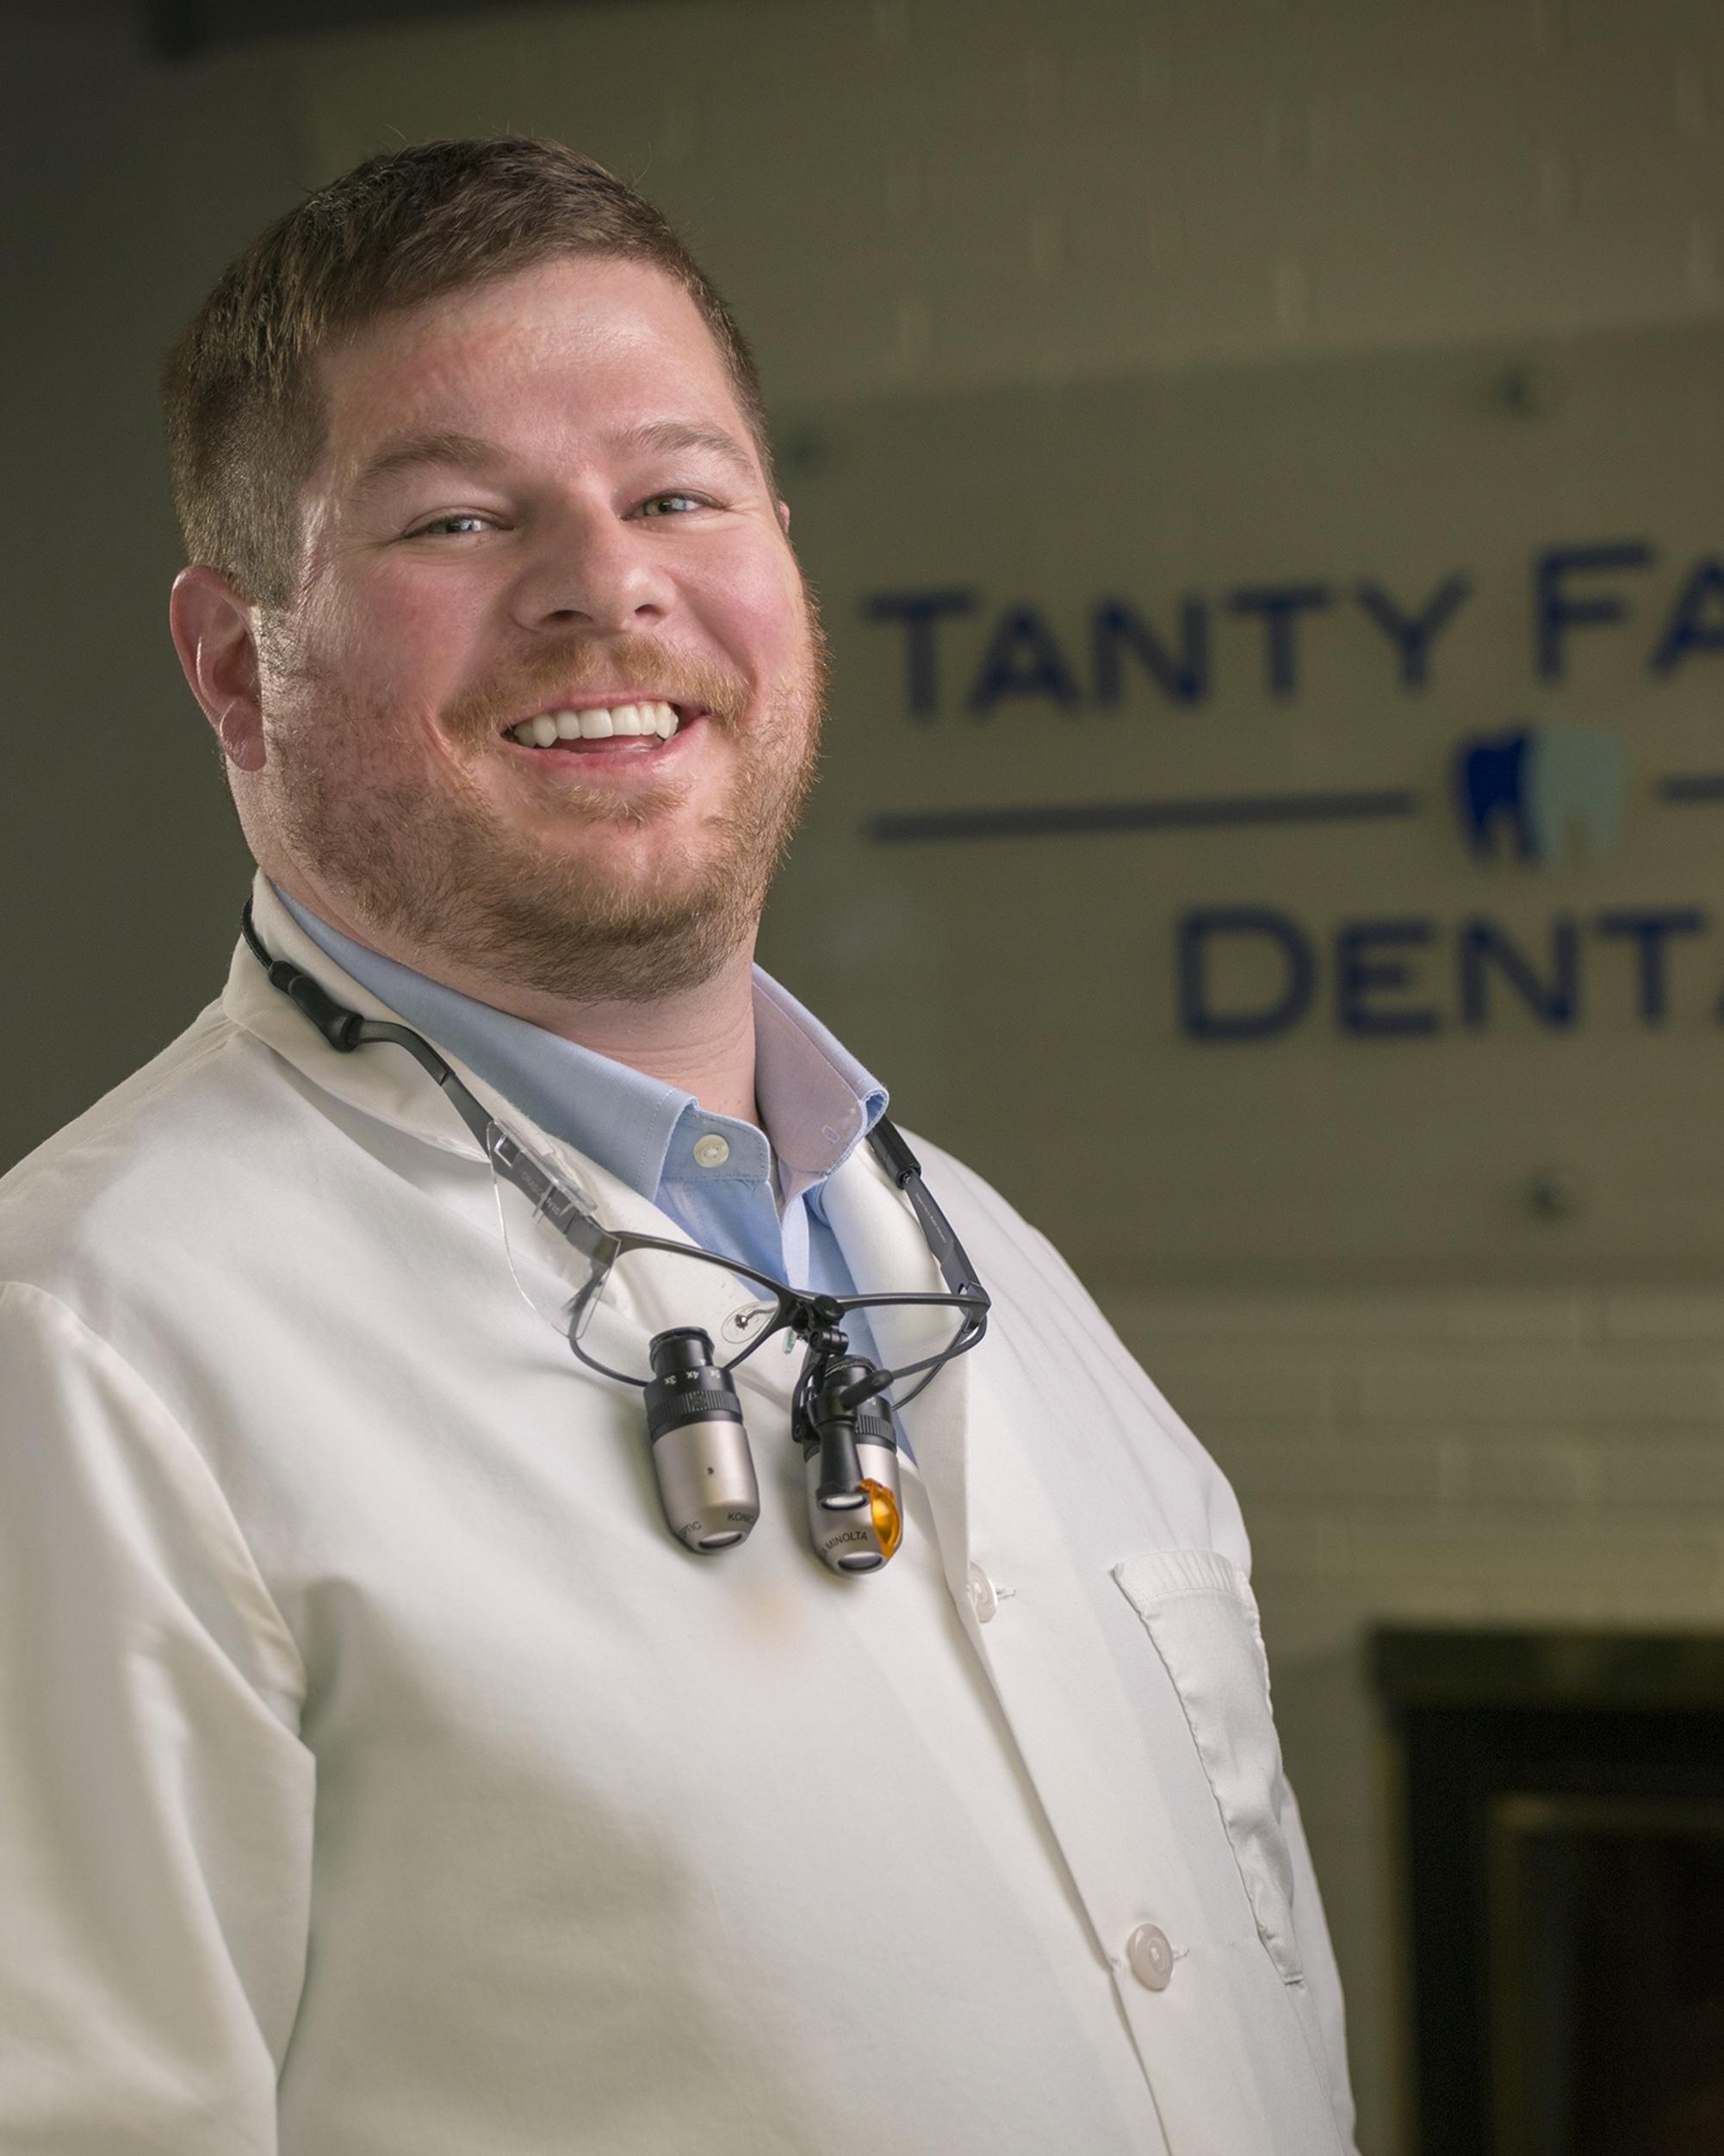 Dr. Kevin Tanty -